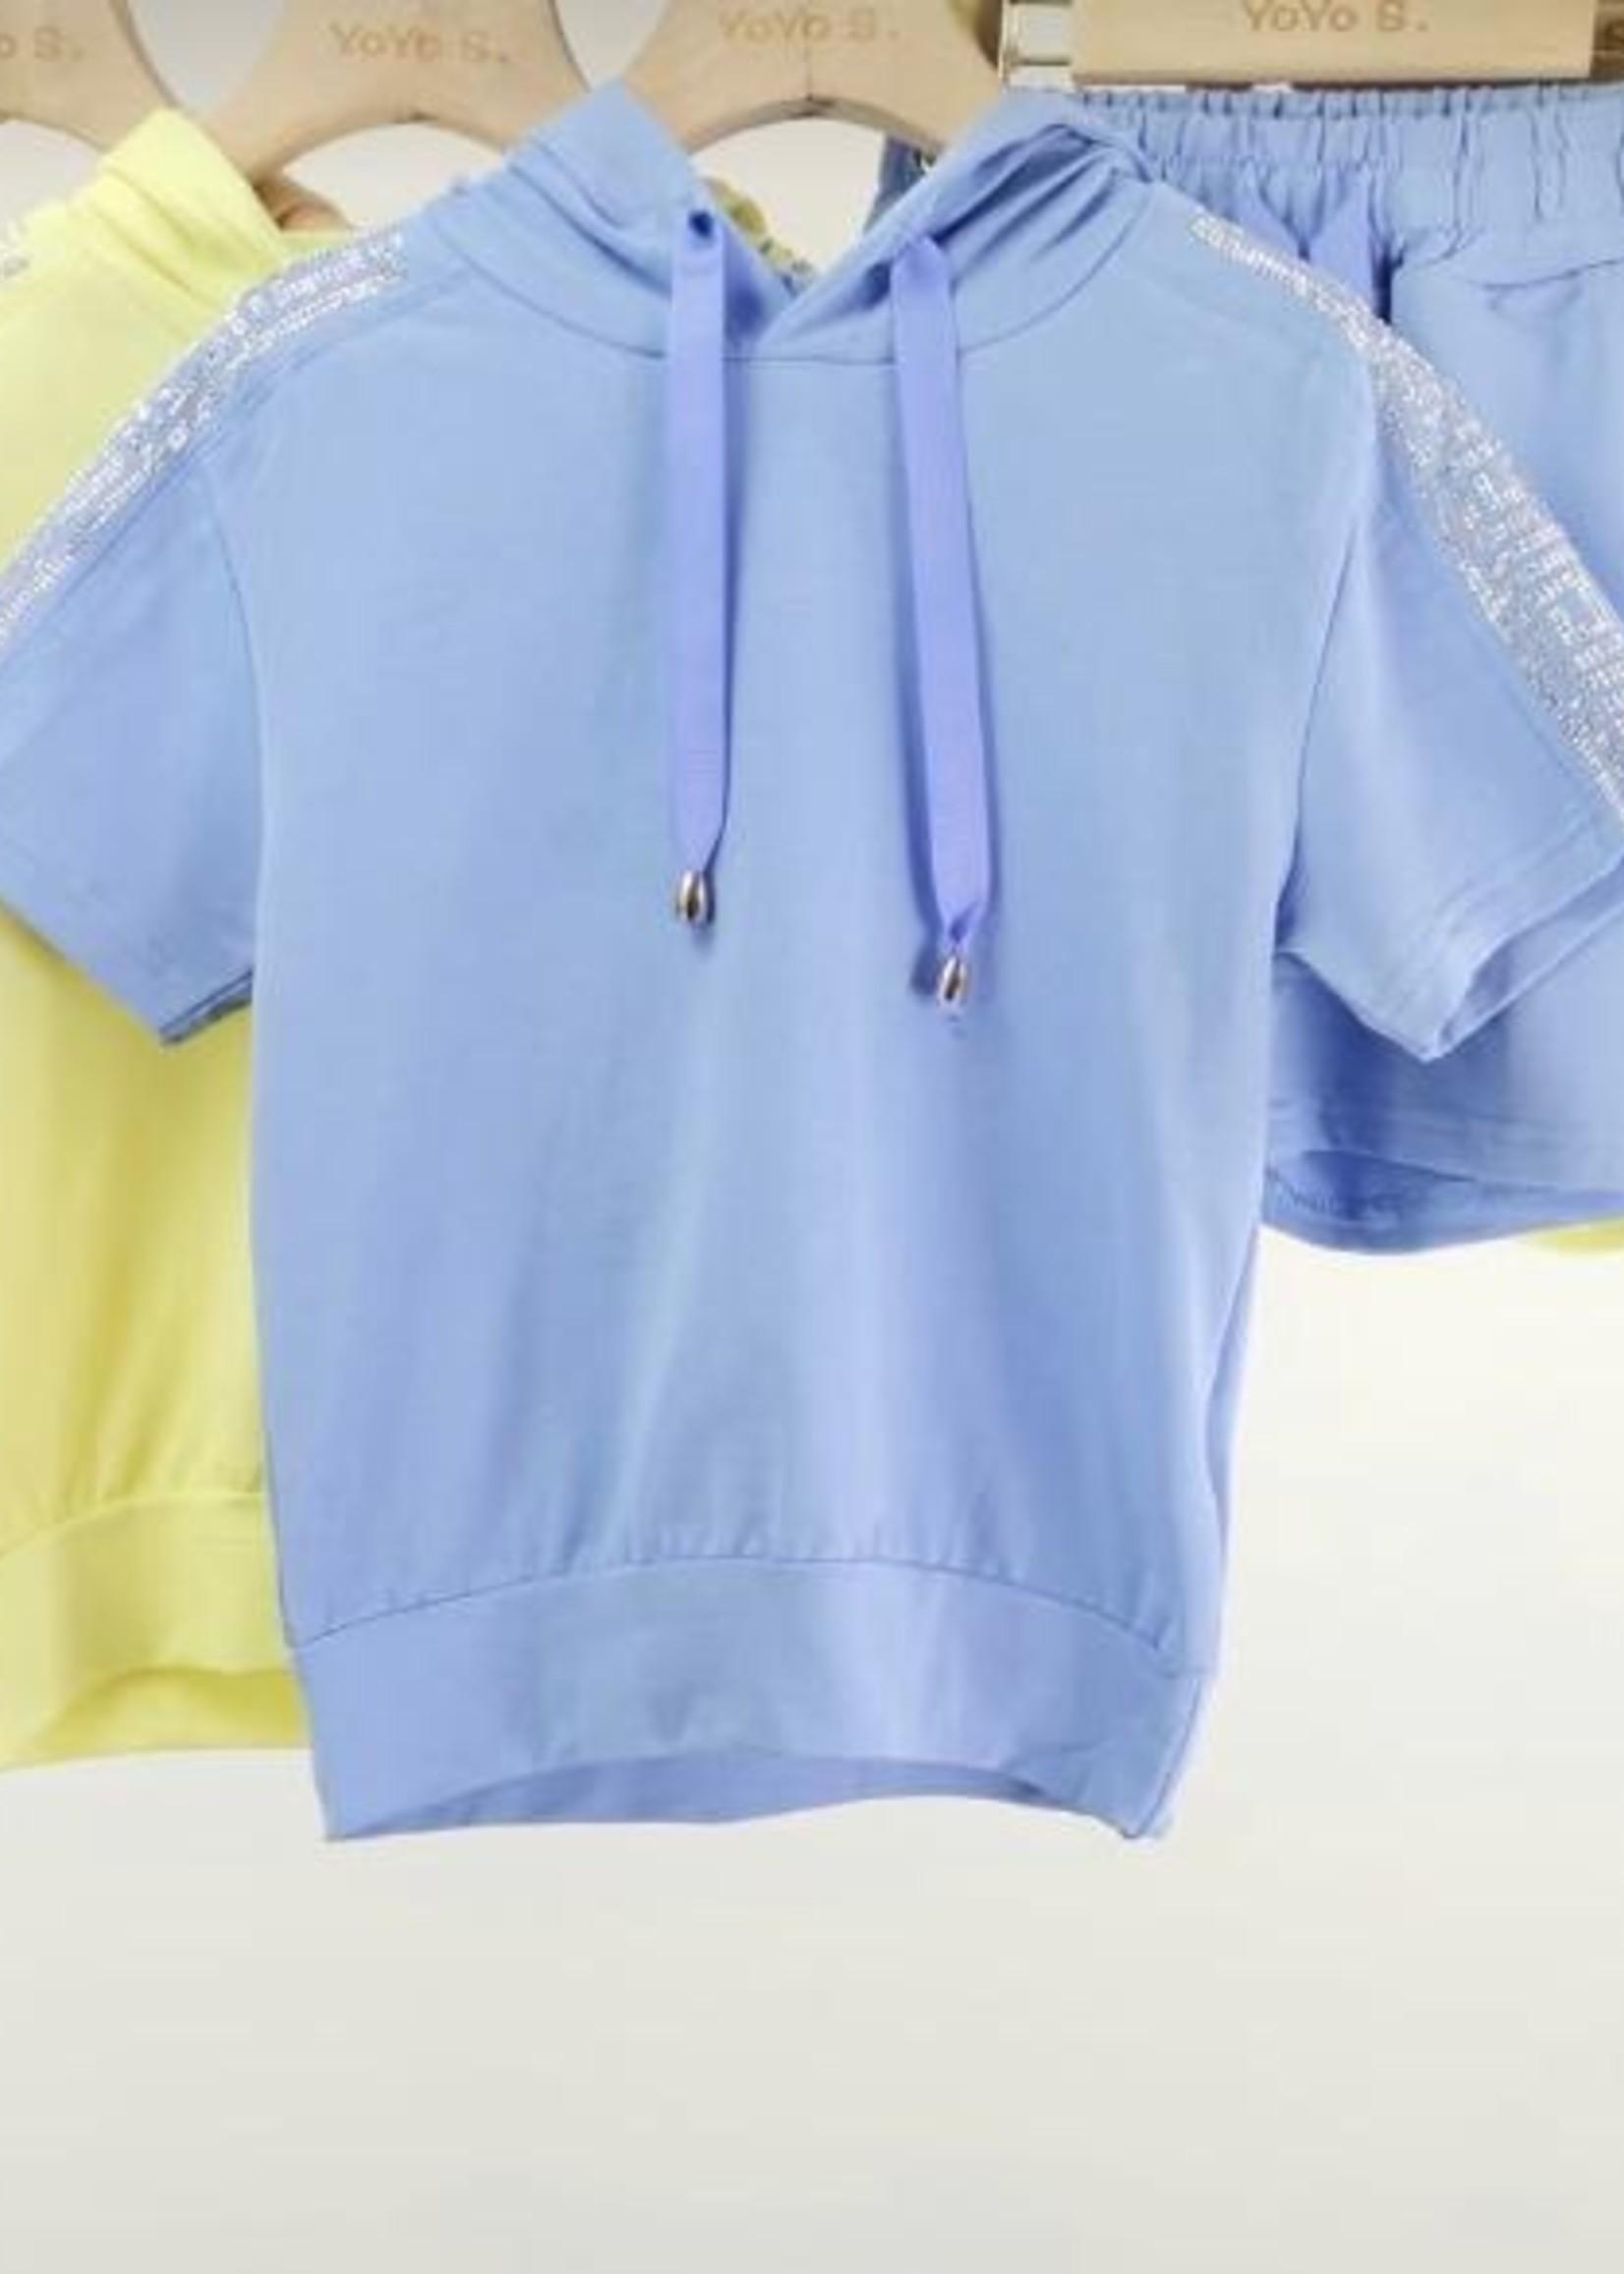 Divanis Divanis jogset for girls blue